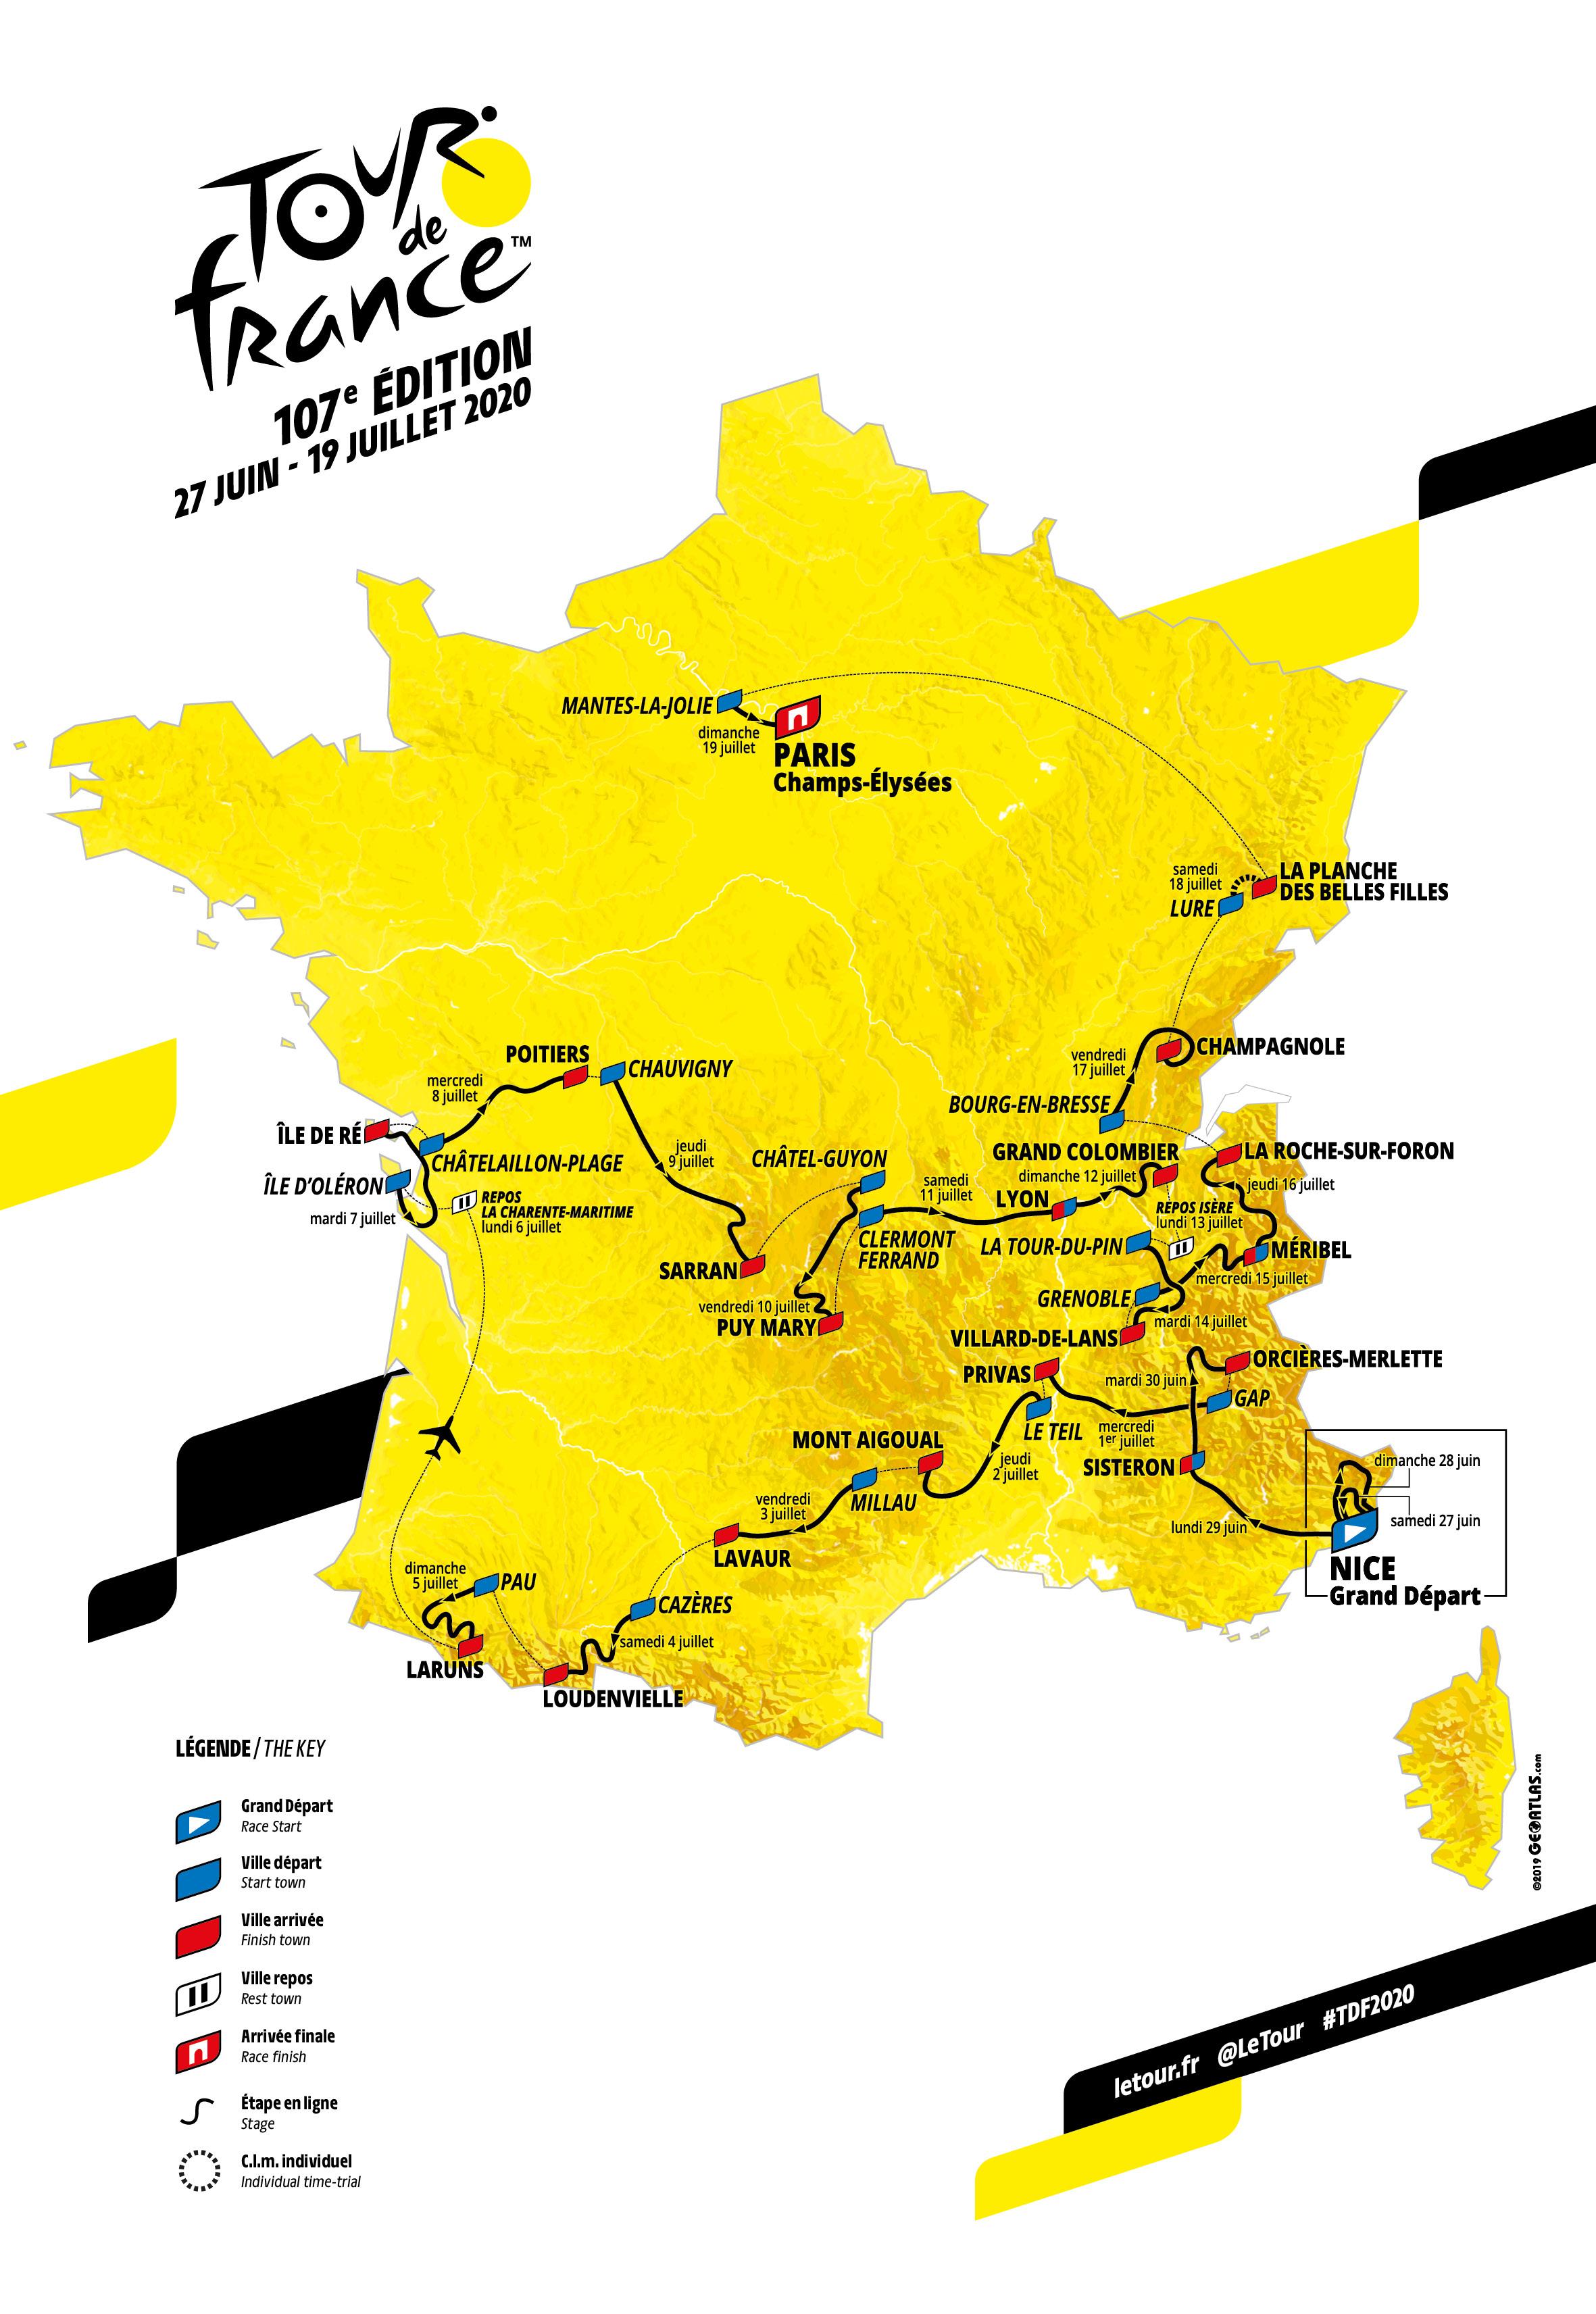 Le Parcours Du Tour De France 2020 Officiellement Annonce